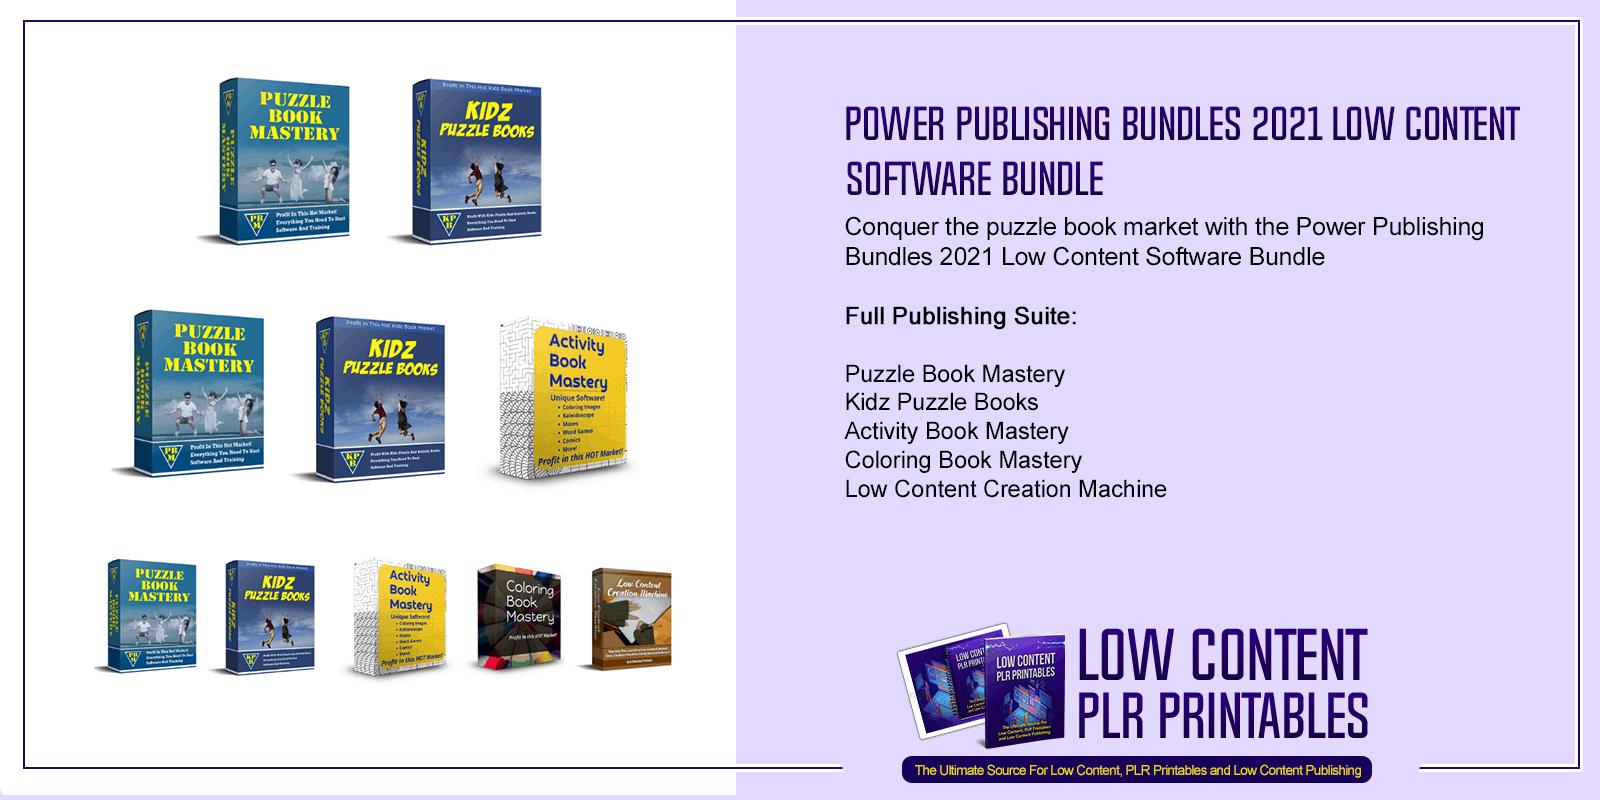 Power Publishing Bundles 2021 Low Content Software Bundle 1